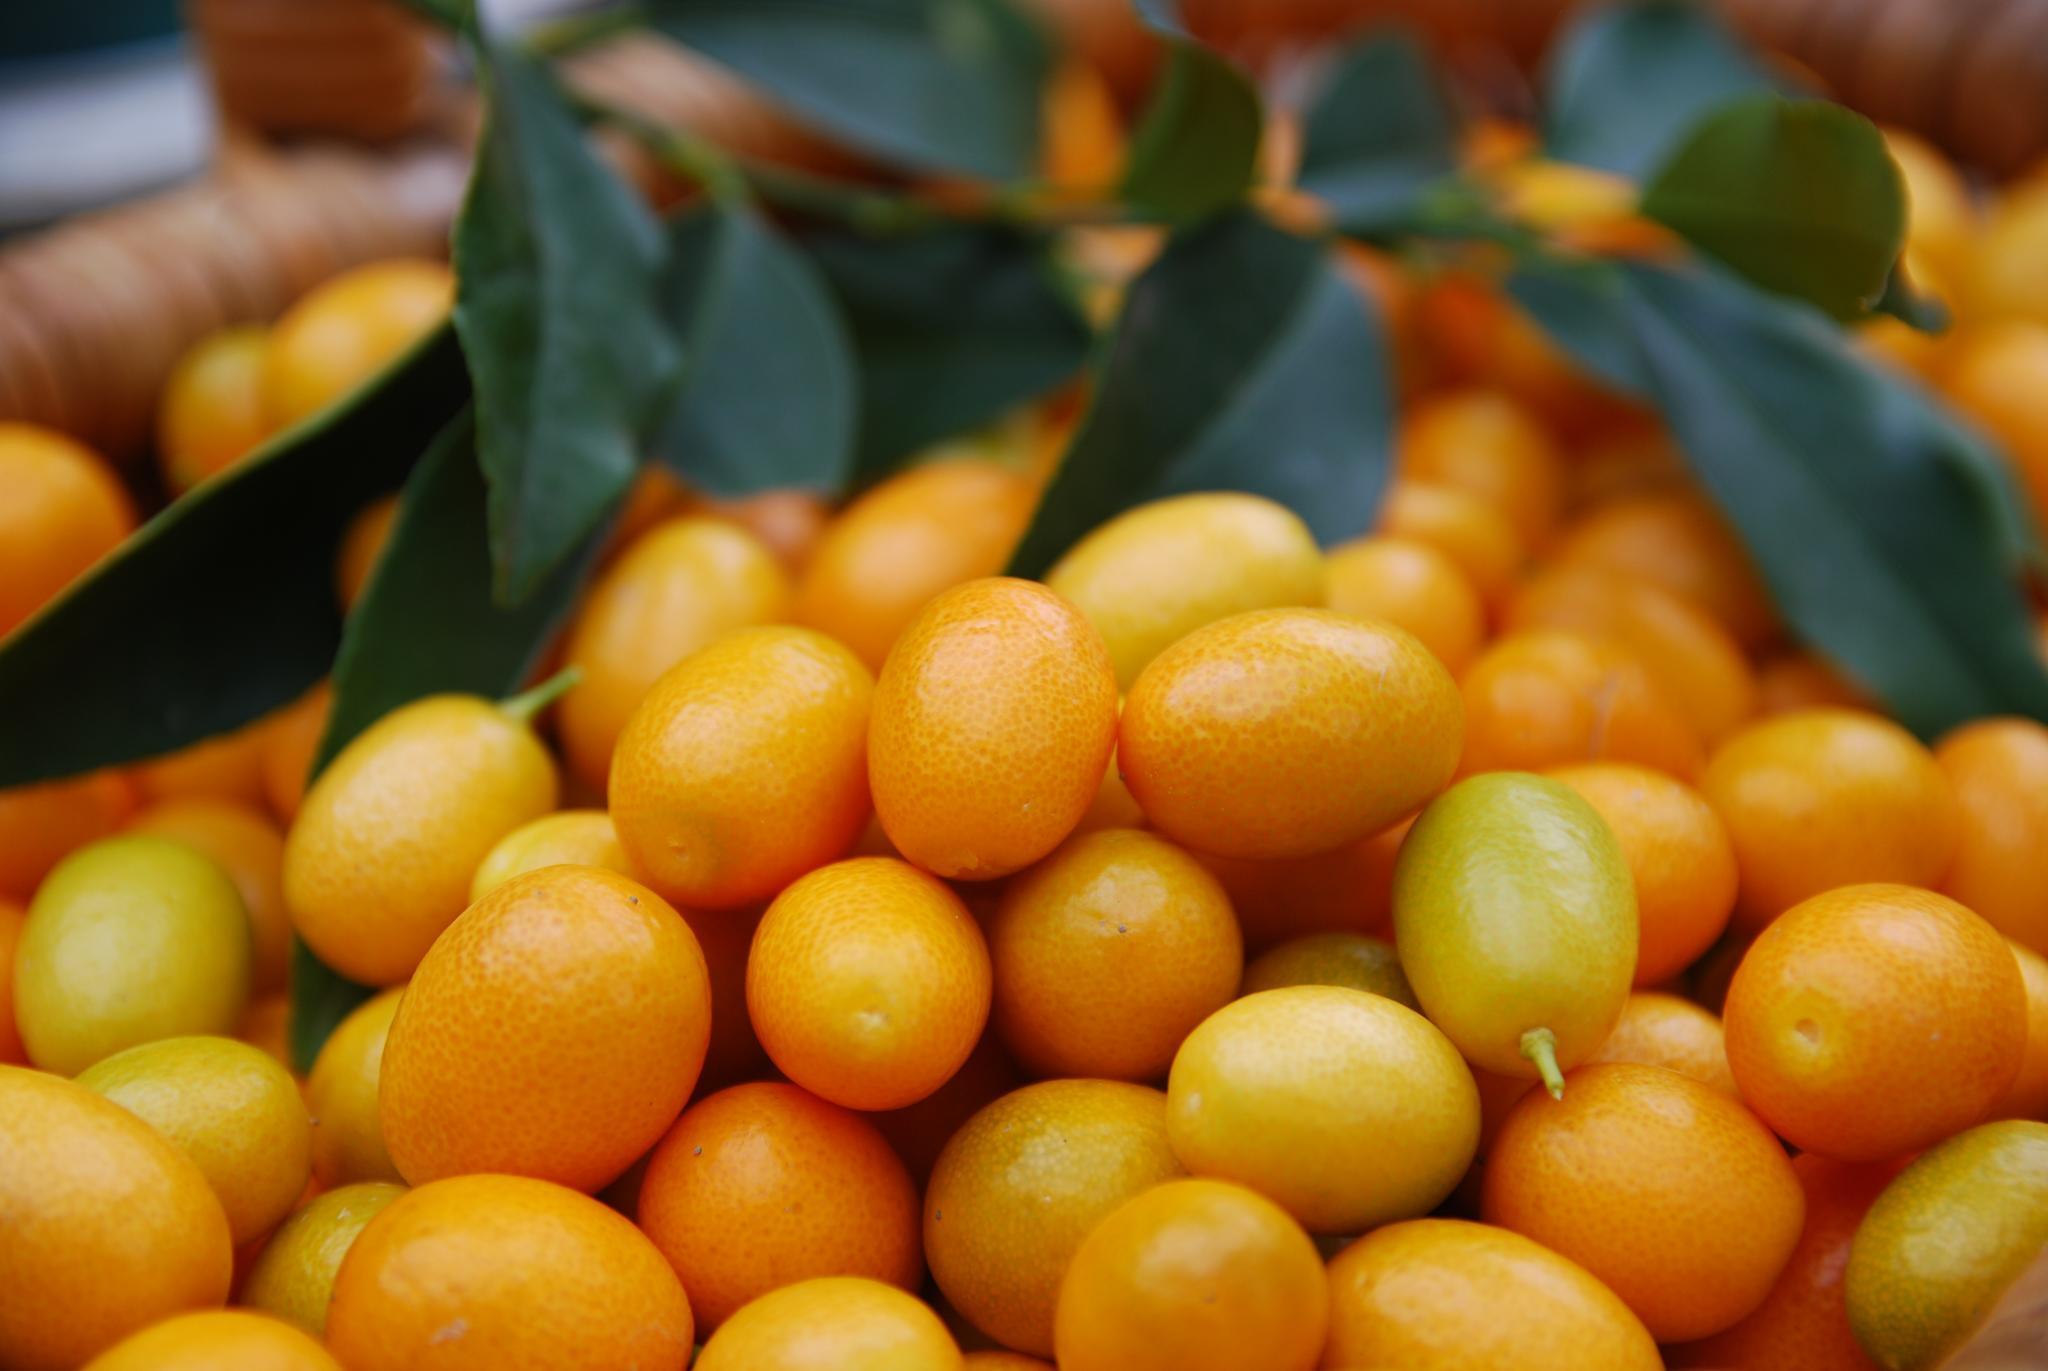 том, что желтый экзотический плод фото держат